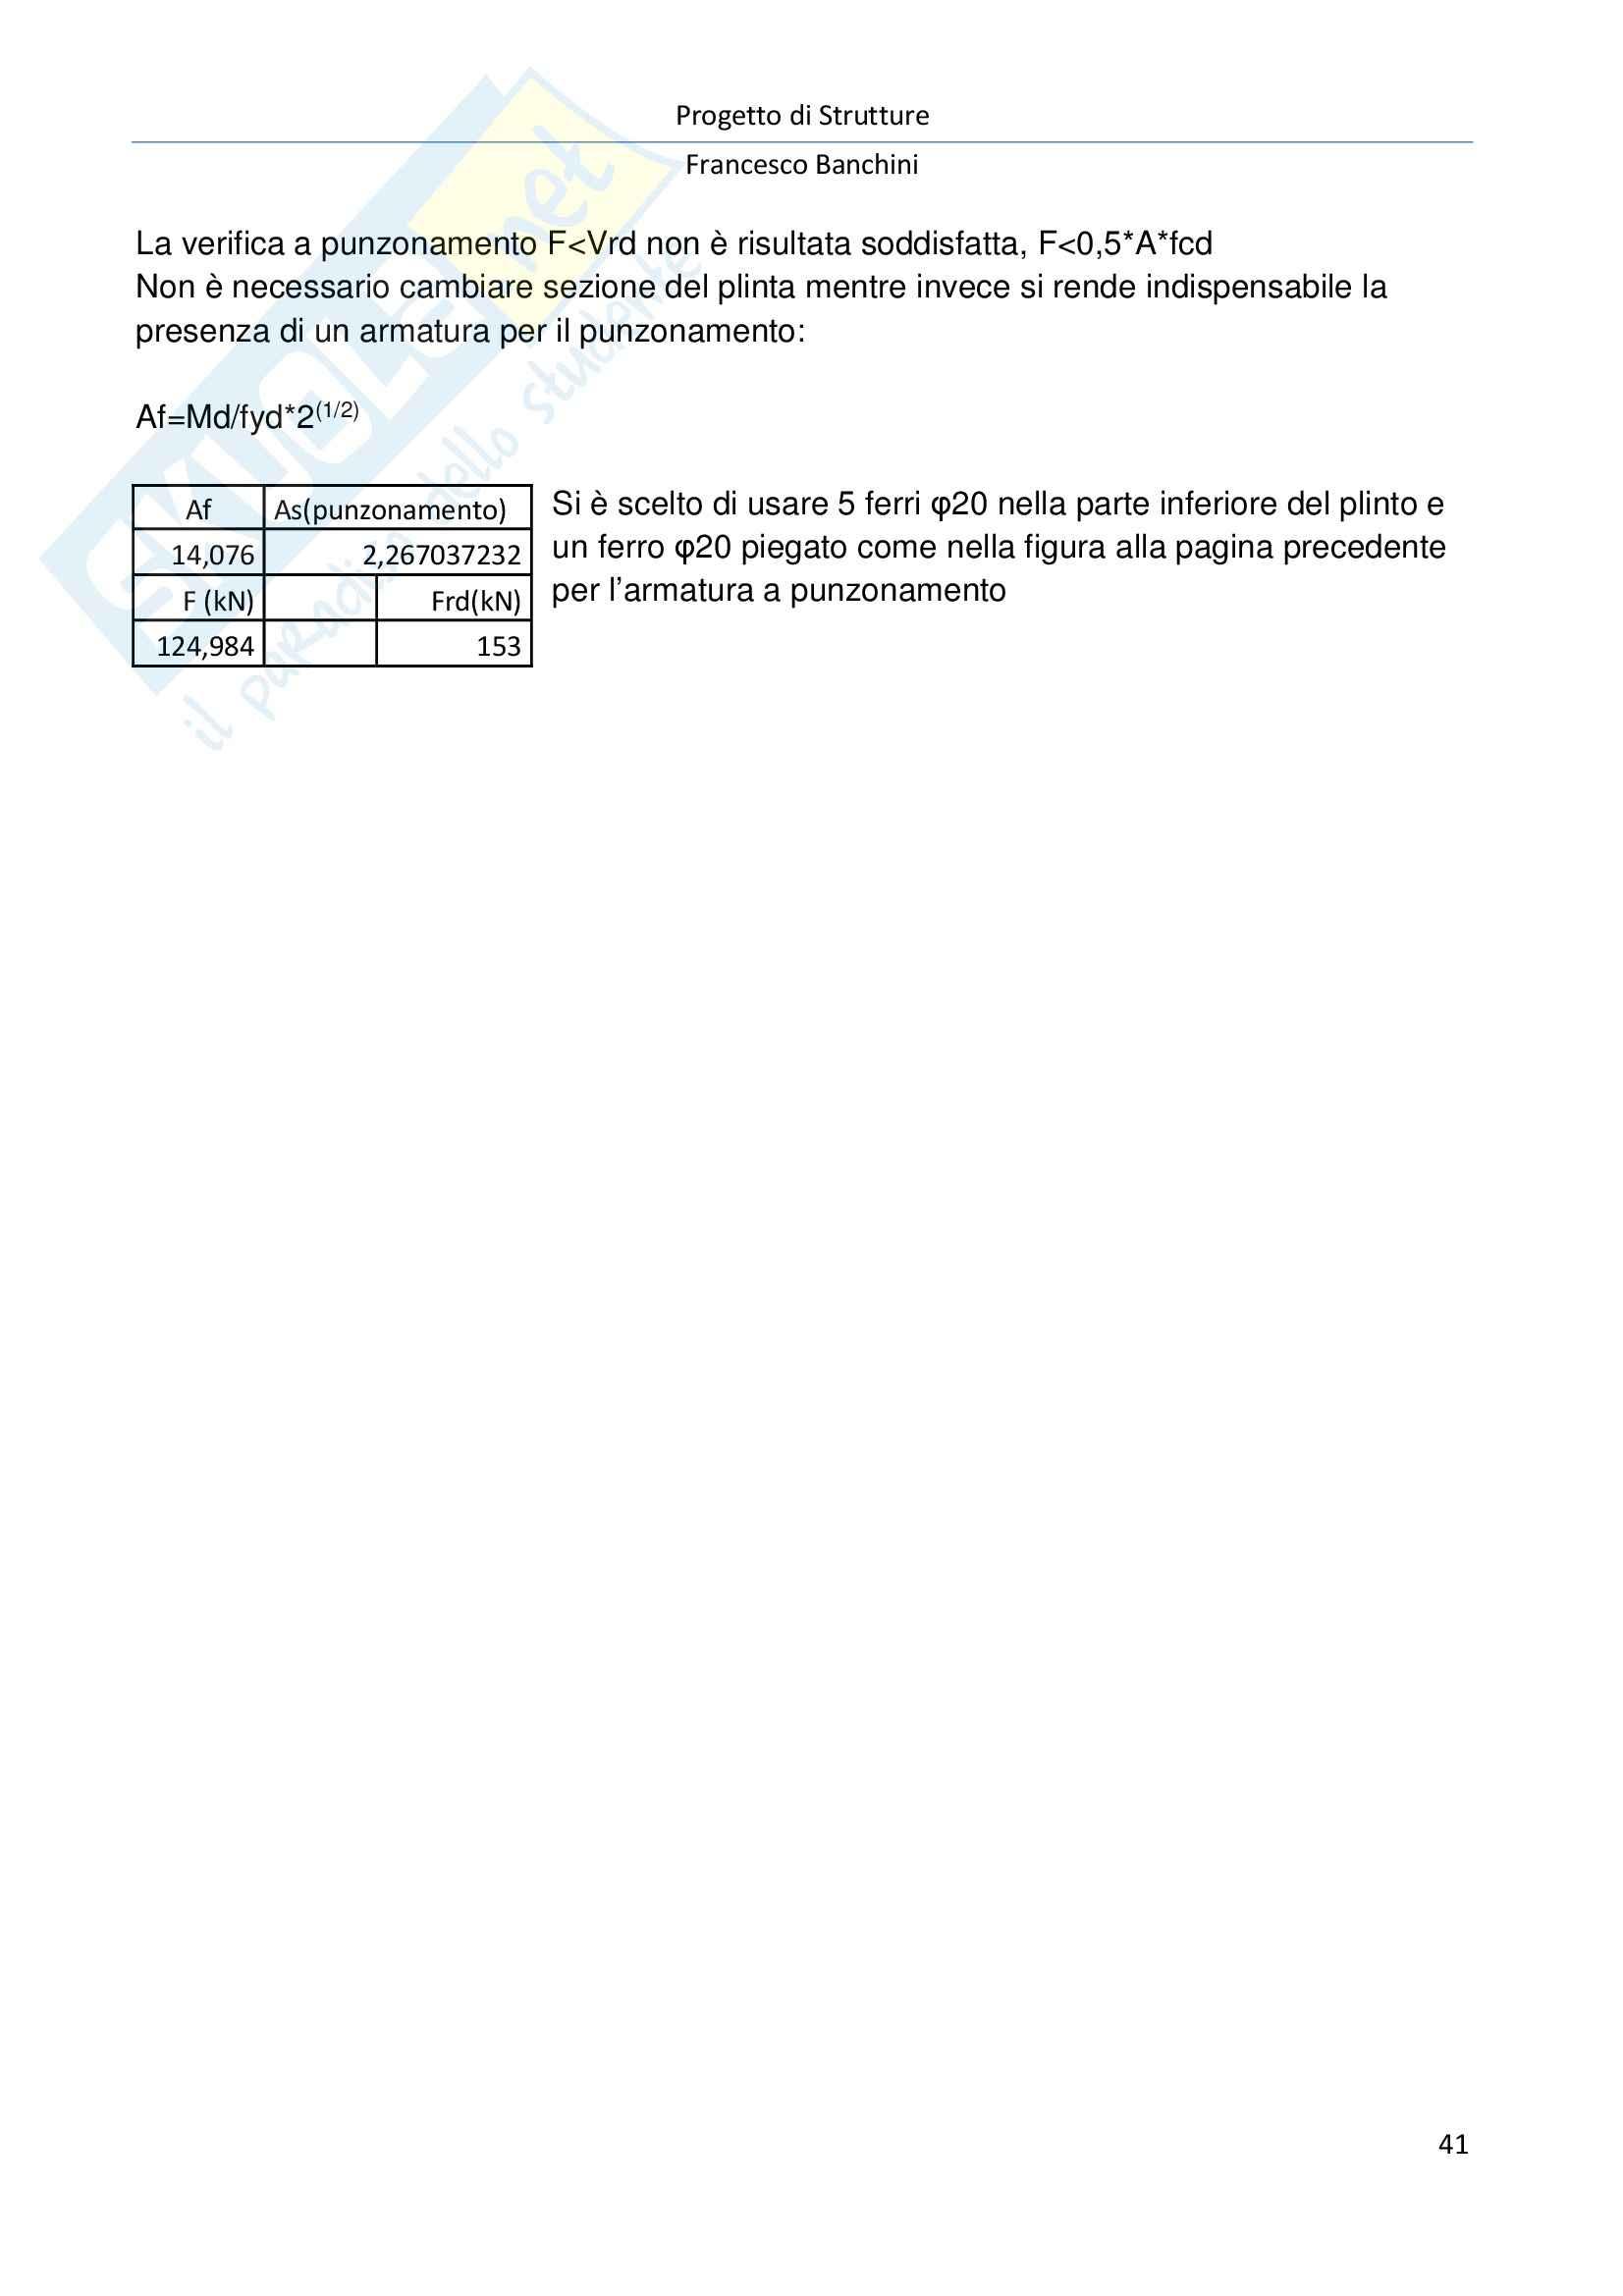 Prog. Strutture-Relazione di calcolo, Progetto di strutture Pag. 41